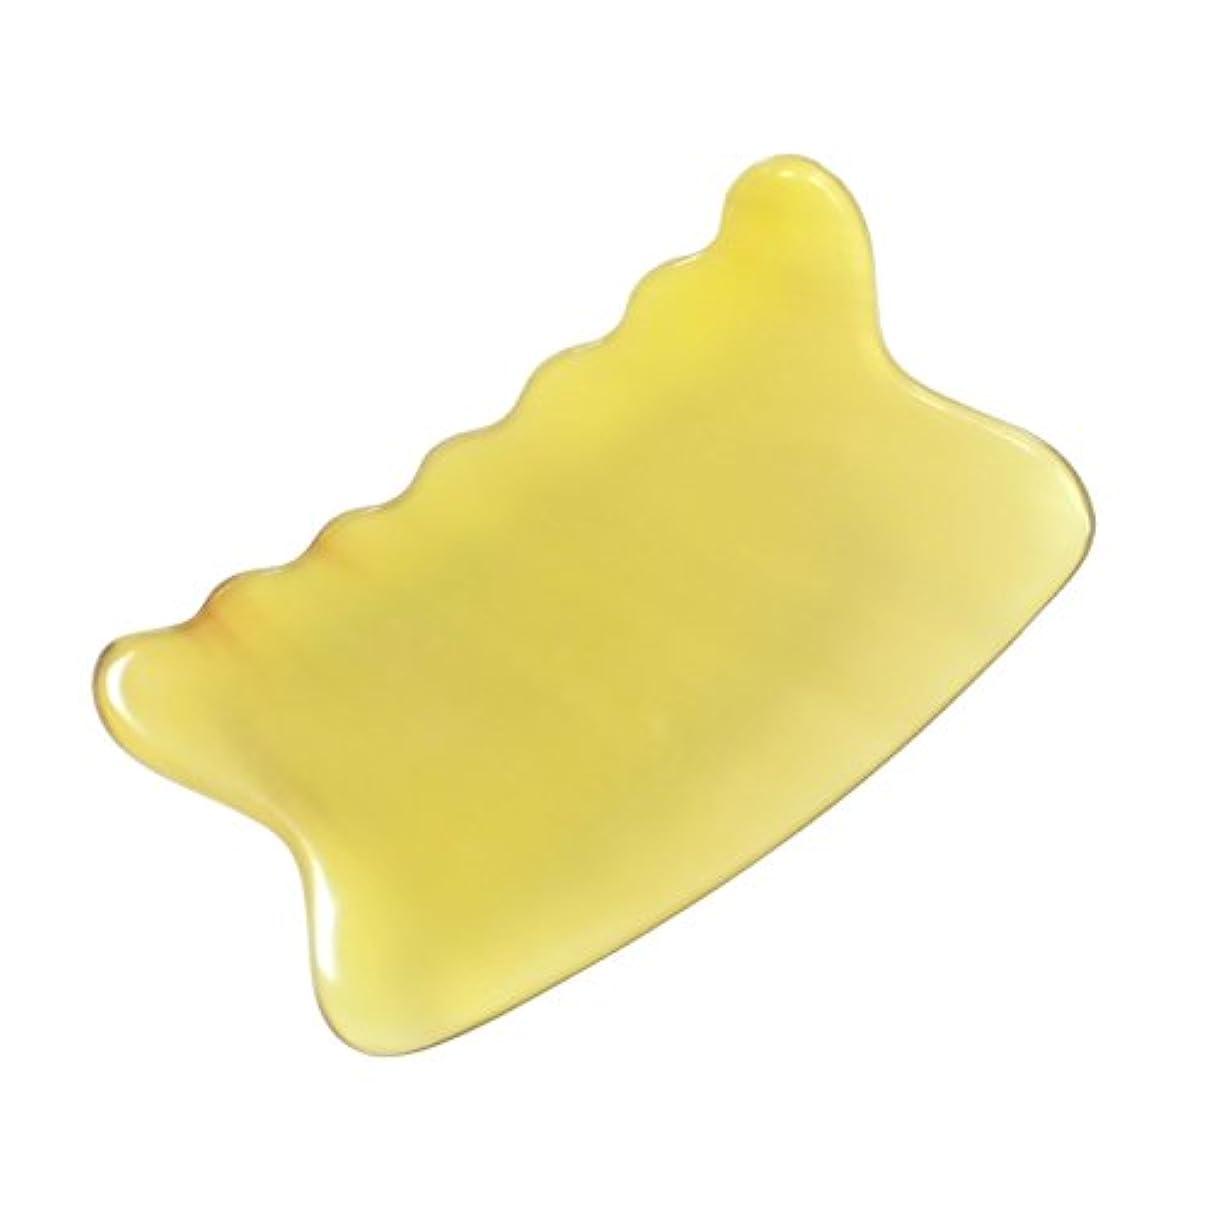 満足できる夕食を作る詐欺師かっさ プレート 希少63 黄水牛角 極美品 曲波型